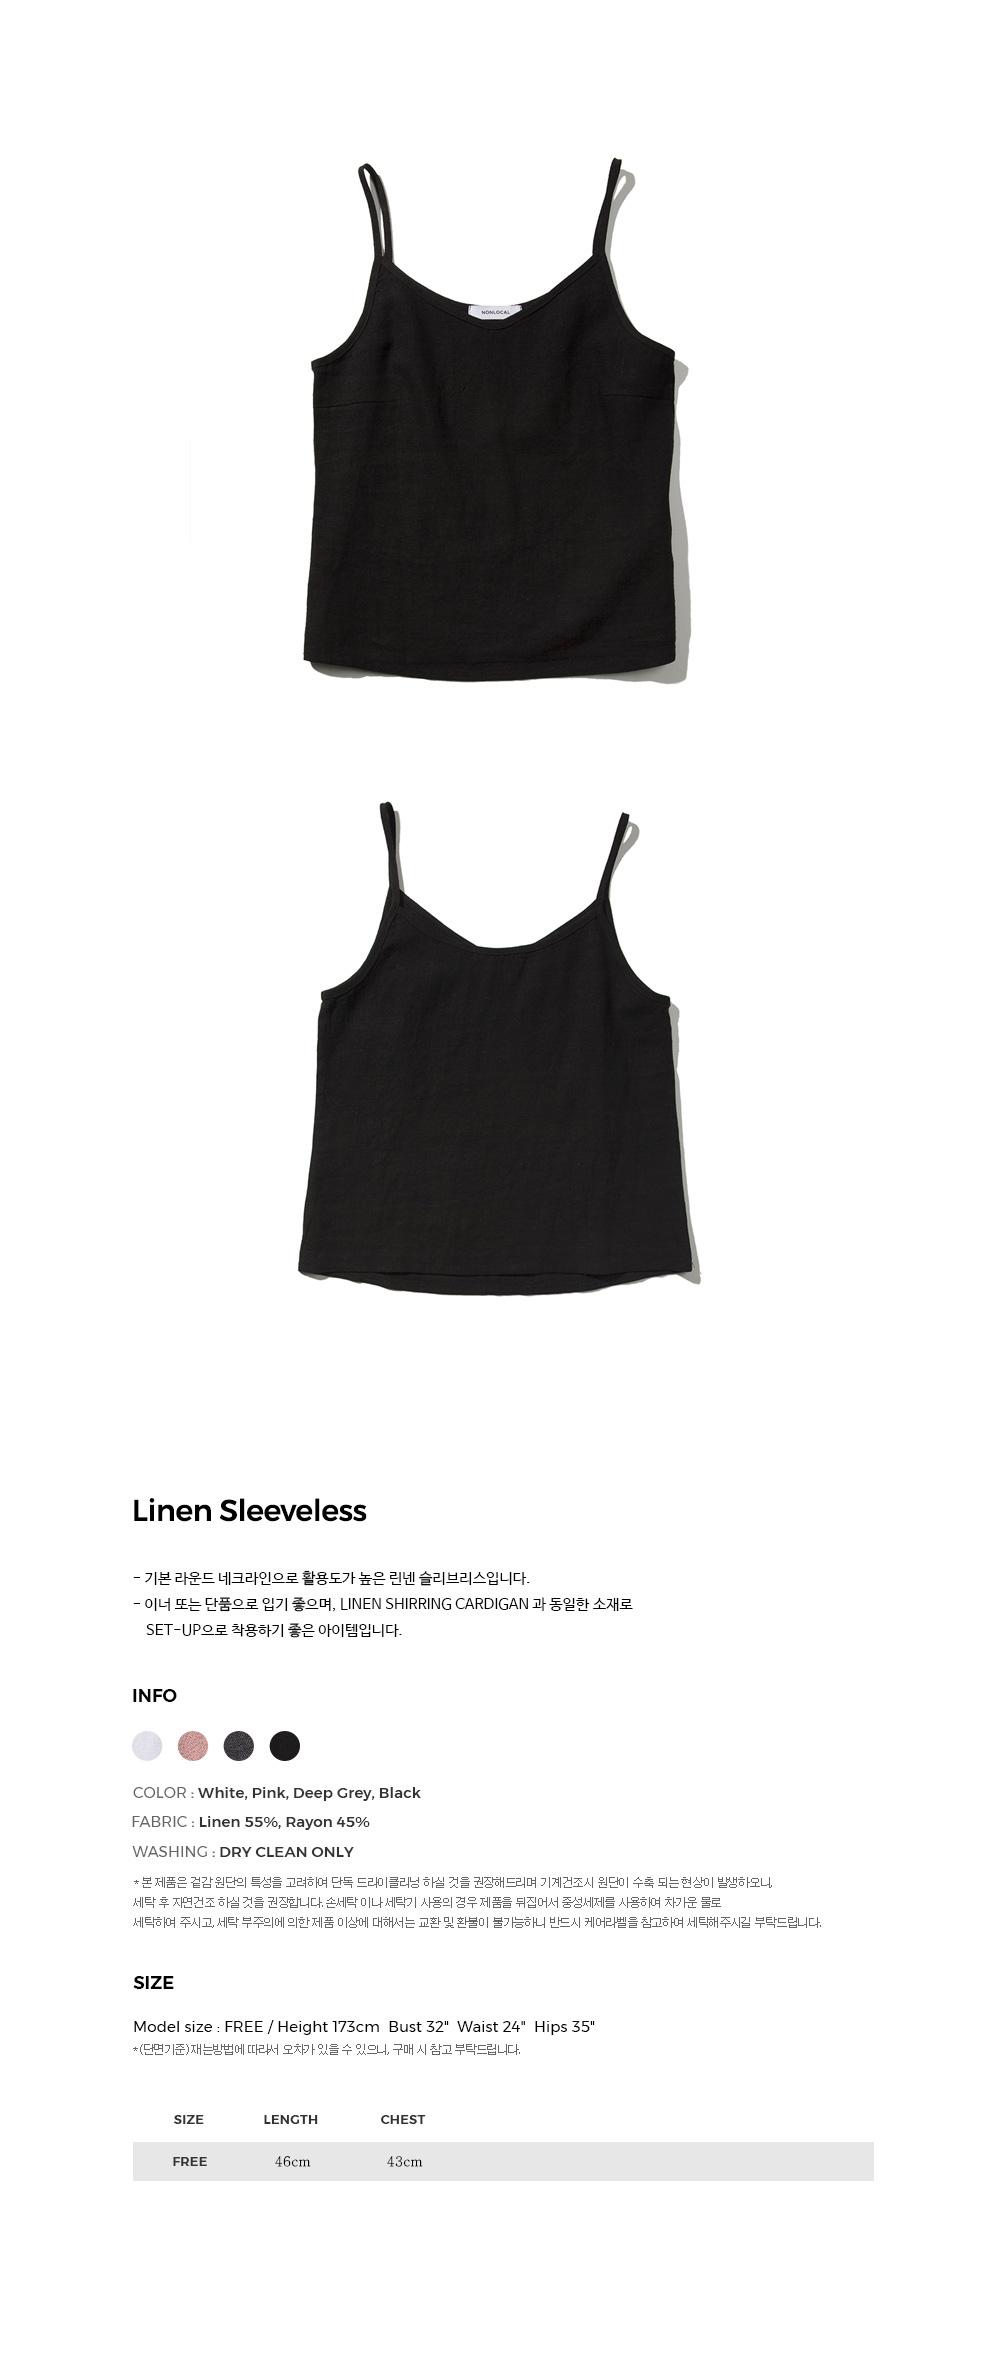 논로컬(NONLOCAL) [4th Re-stock] Linen Sleeveless - Black